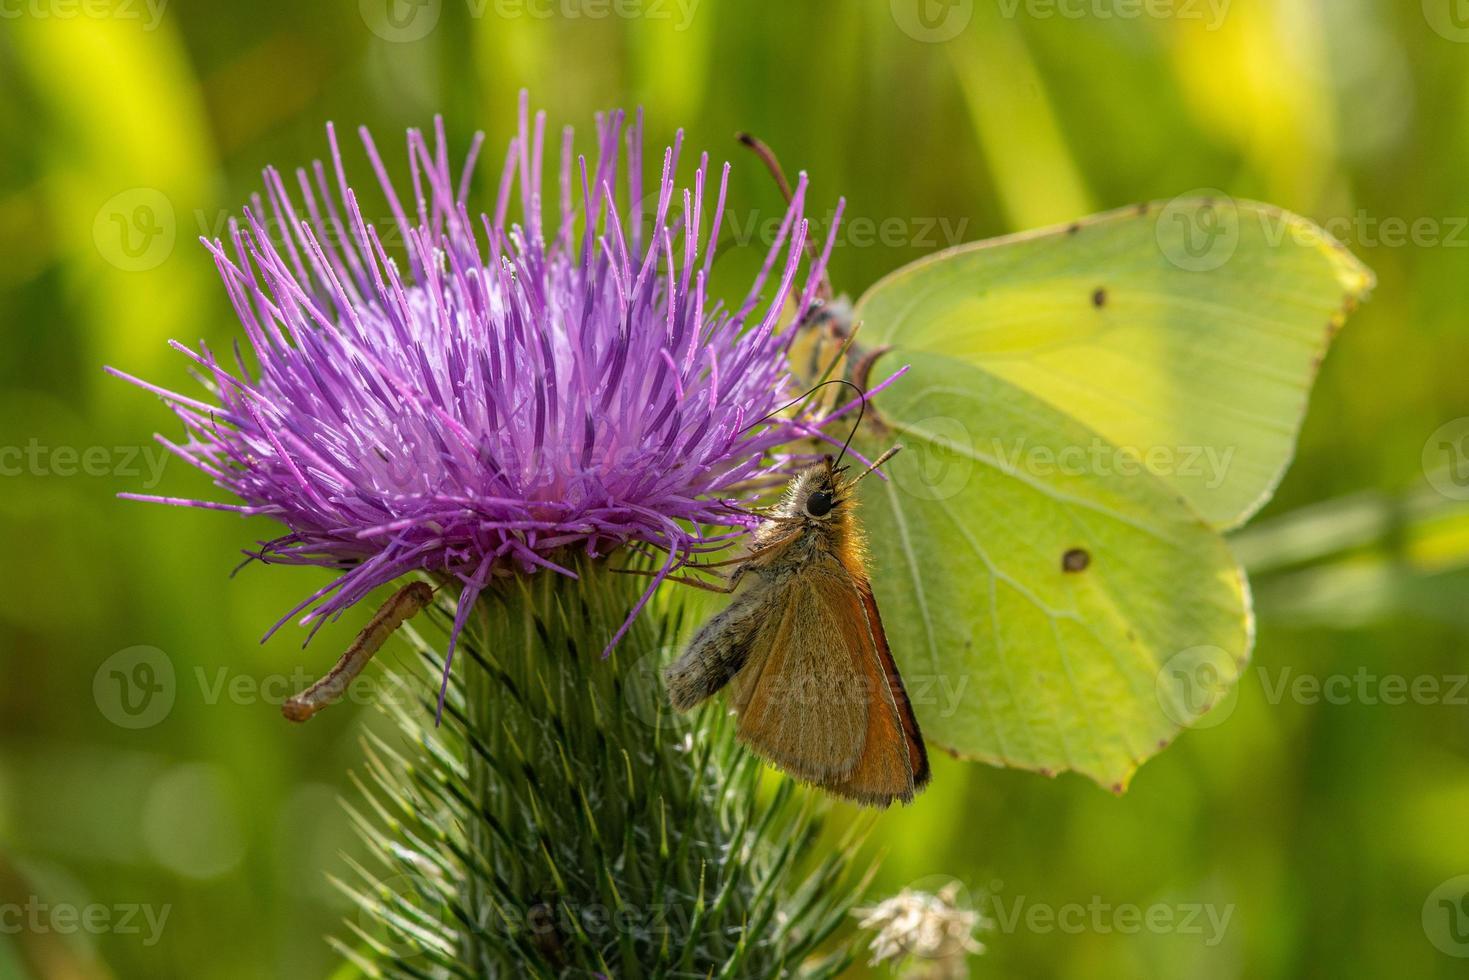 primo piano di due farfalle che condividono lo stesso fiore di cardo foto